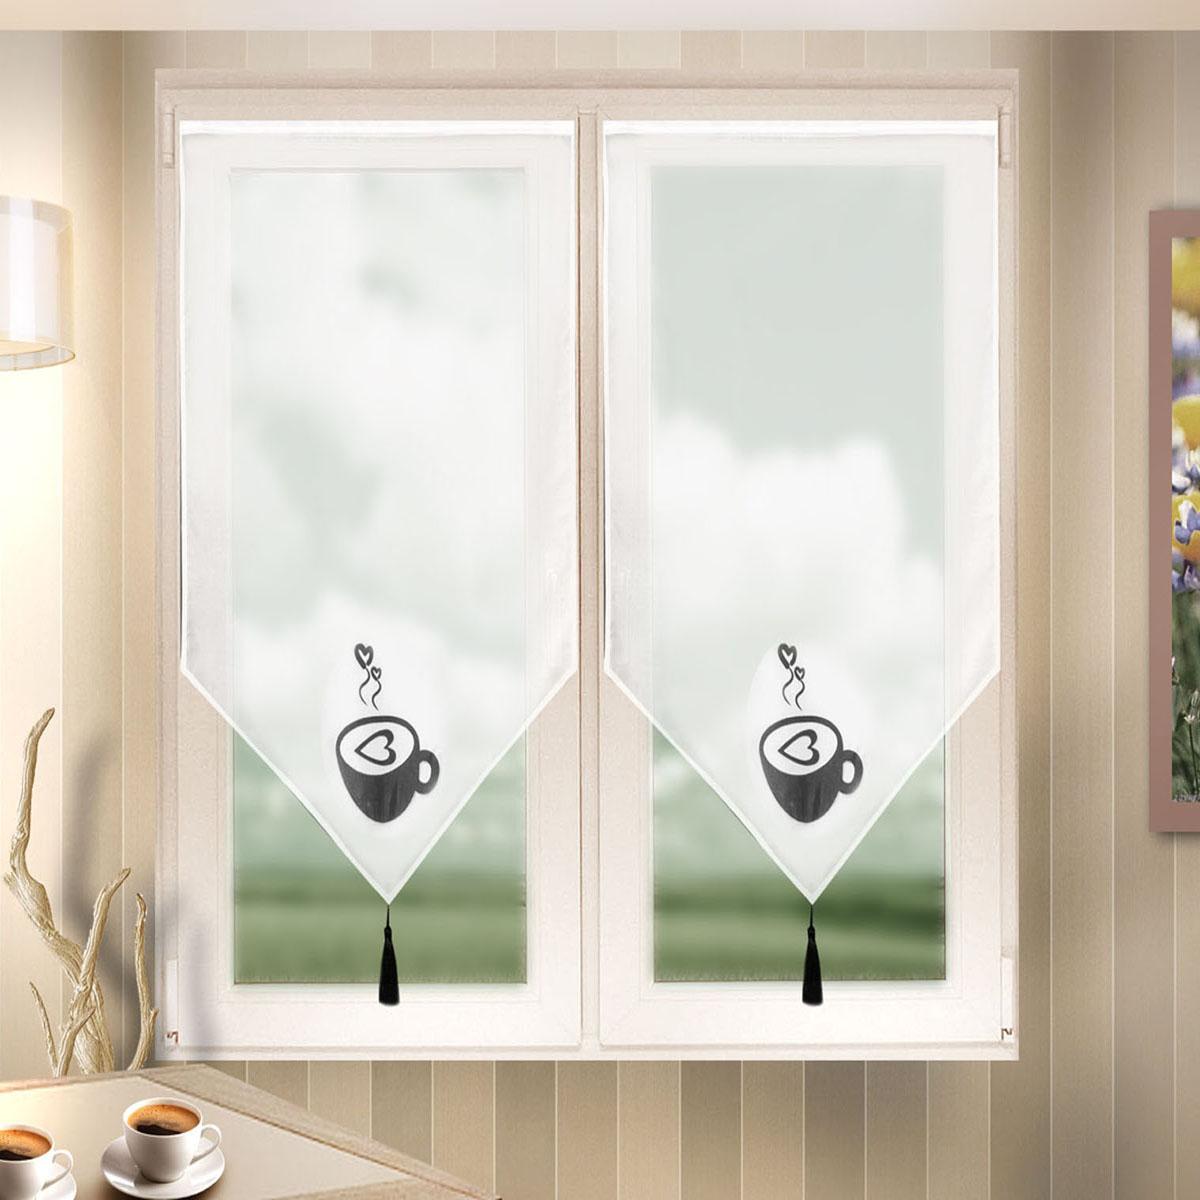 Гардина Zlata Korunka, цвет: белый, ширина 60 см, высота 90 см. 666024/21004900000360Лучшая альтернатива рулонным шторам на кухне – шторы на липкой ленте. Особенность этих штор заключается в том, что они имеют липкую основу в месте крепления . Лента или основа надежно и быстро крепится на раму окна, а на нее фиксируется сама штора.Размеры: ширина 60* высота 90